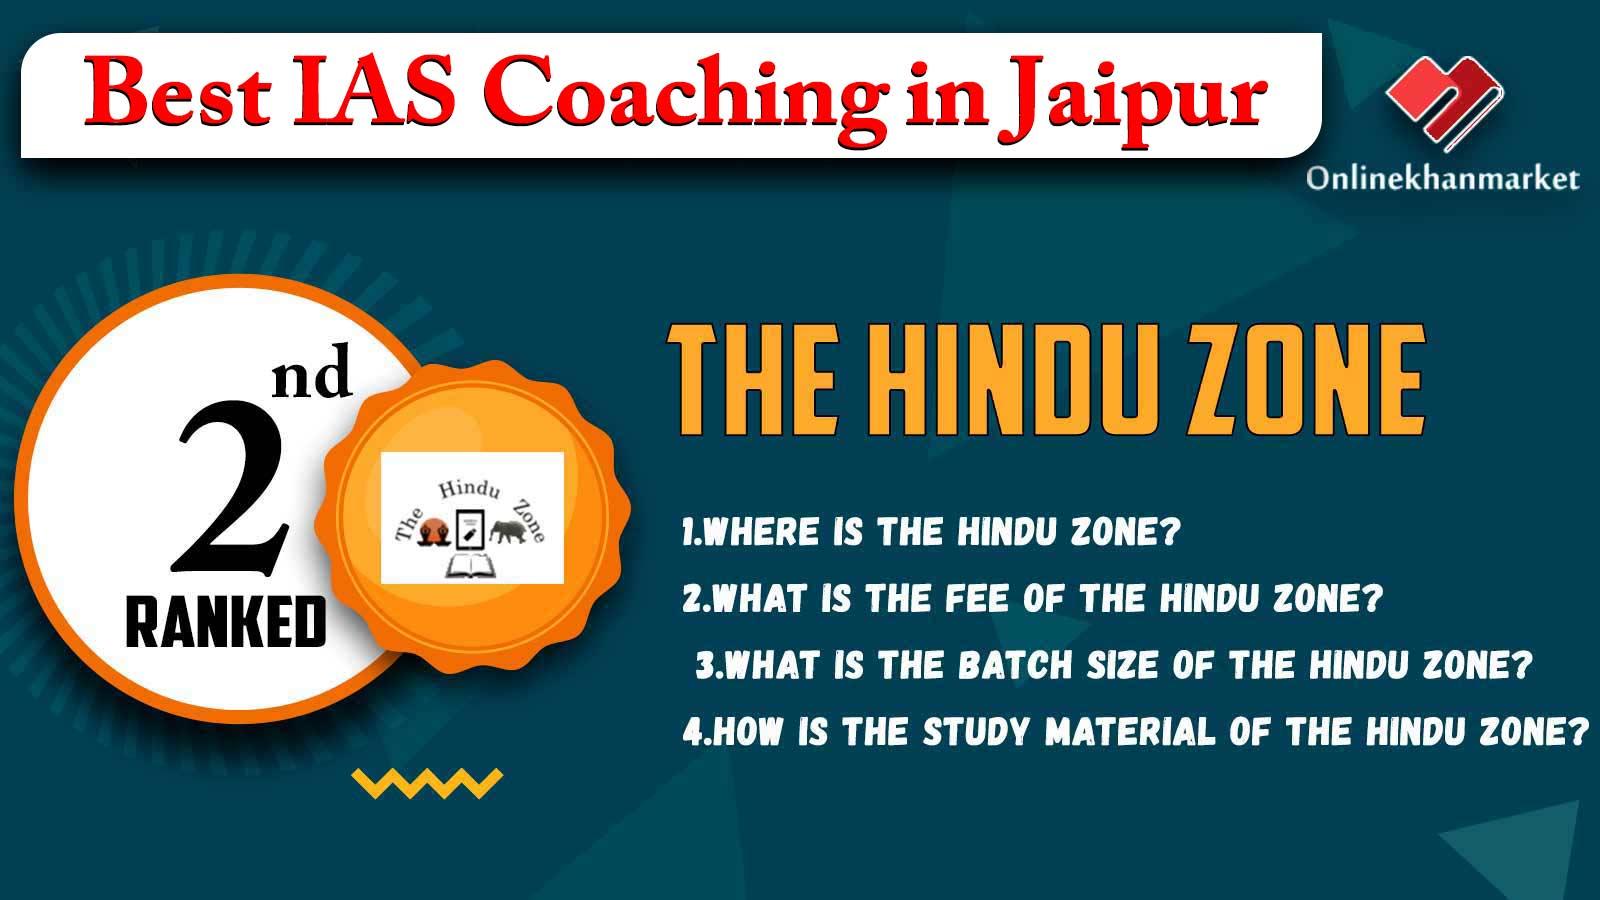 Top IAS Coaching in Jaipur